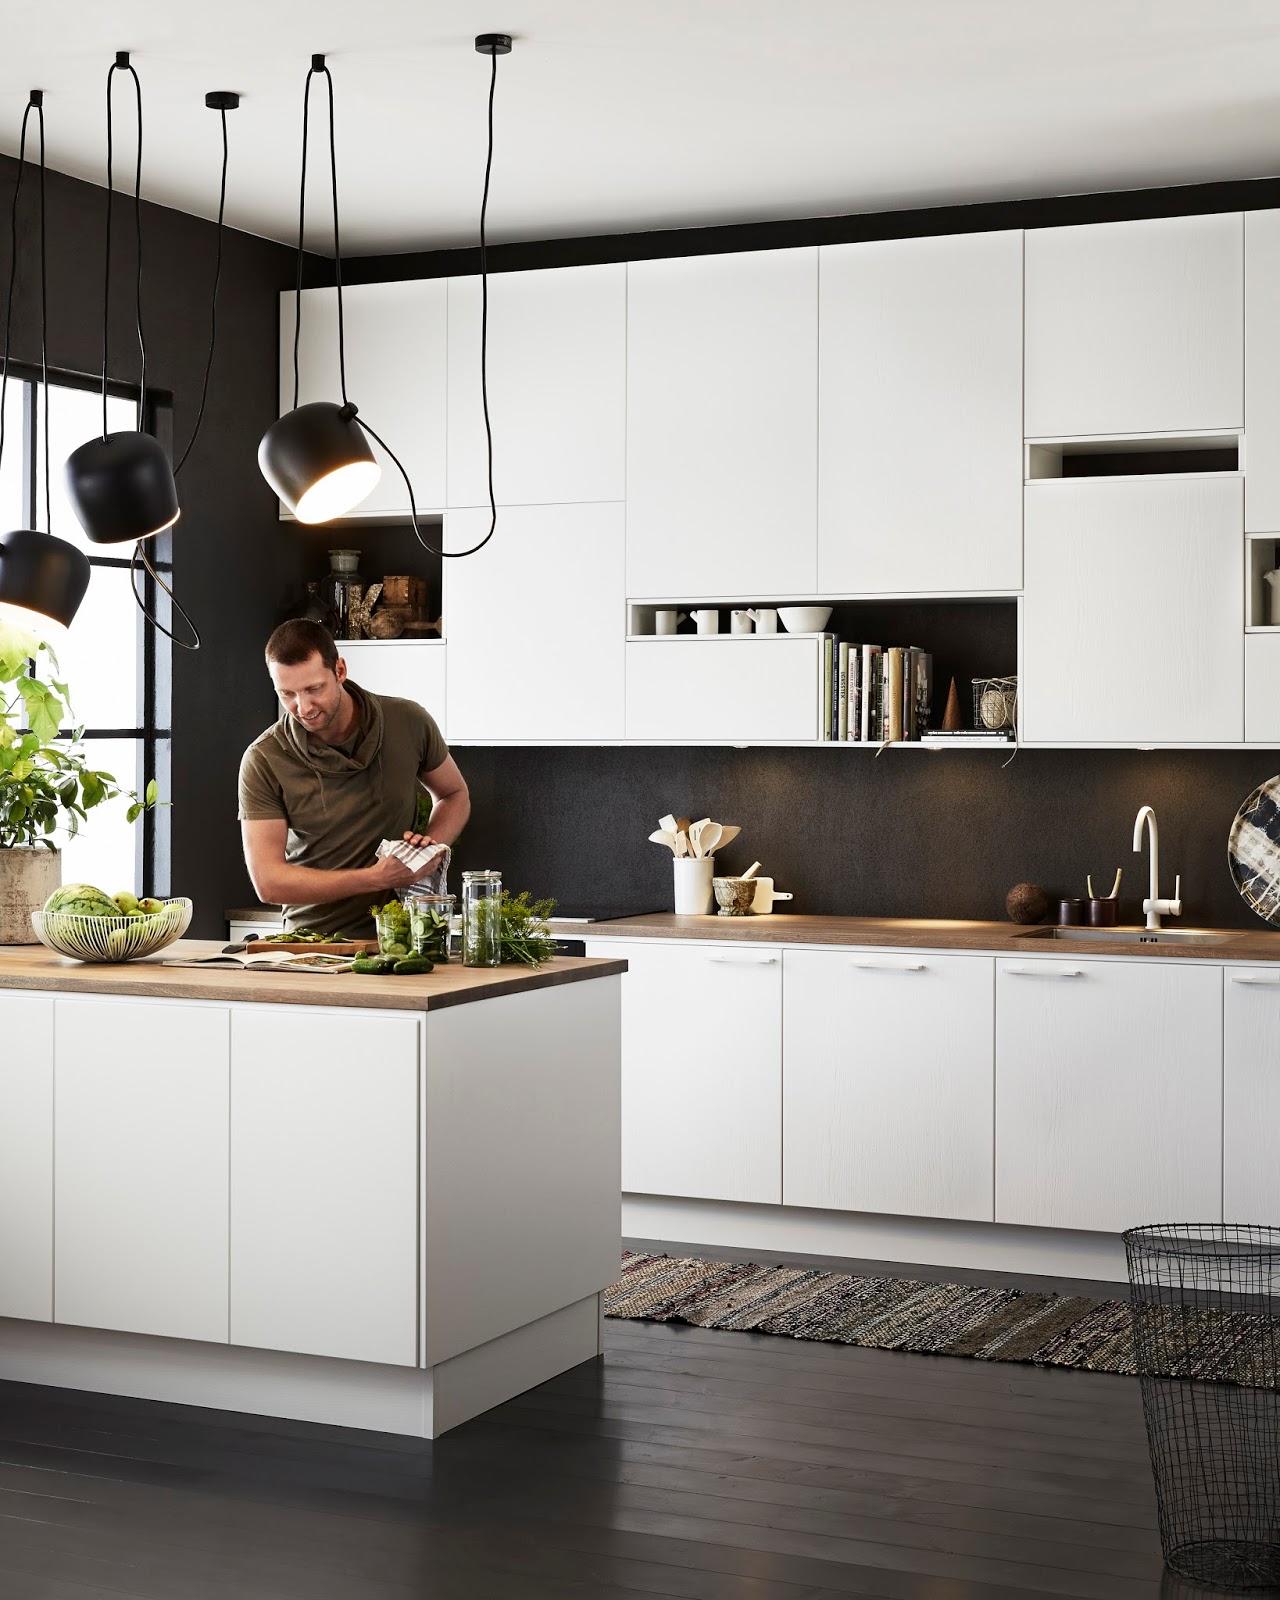 #829635 COZINHA BRANCA NO FUNDO PRETO 1280x1600 px Projetos De Casas Com Cozinha Nos Fundos #187 imagens